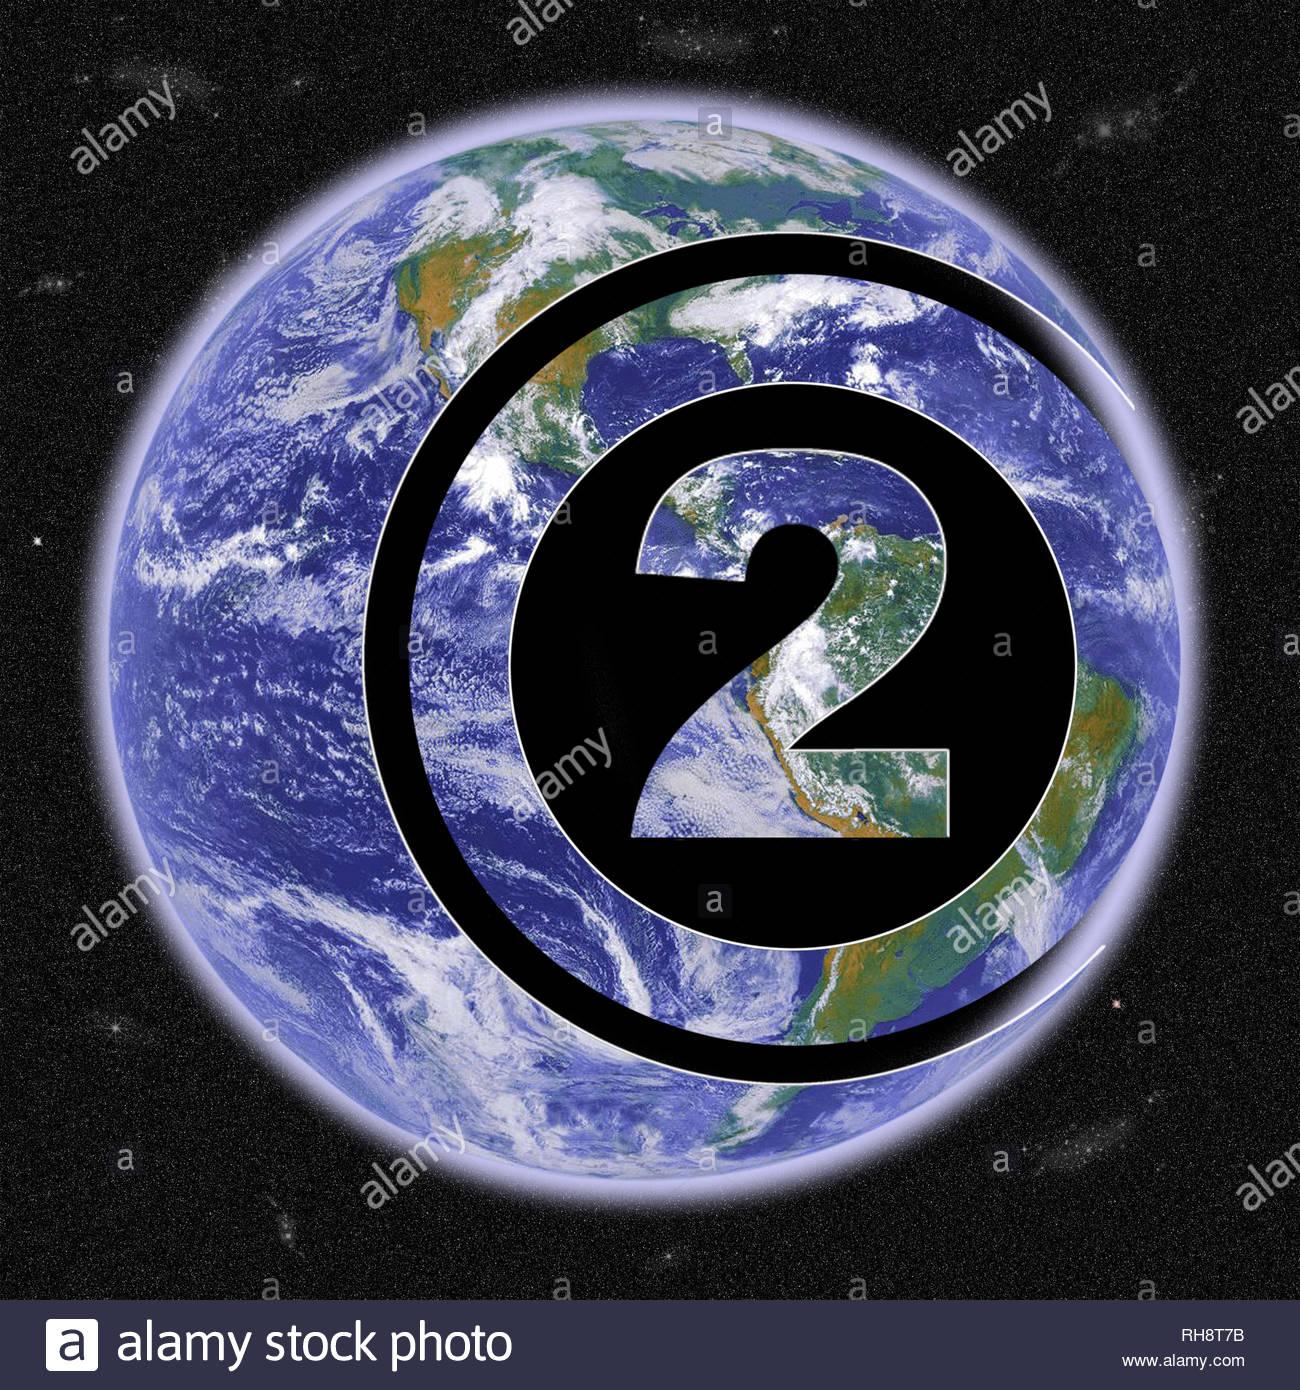 Il riscaldamento globale. Il pianeta terra mostrata come una versione del simbolo chimico...CO2 o biossido di carbonio. Immagini Stock